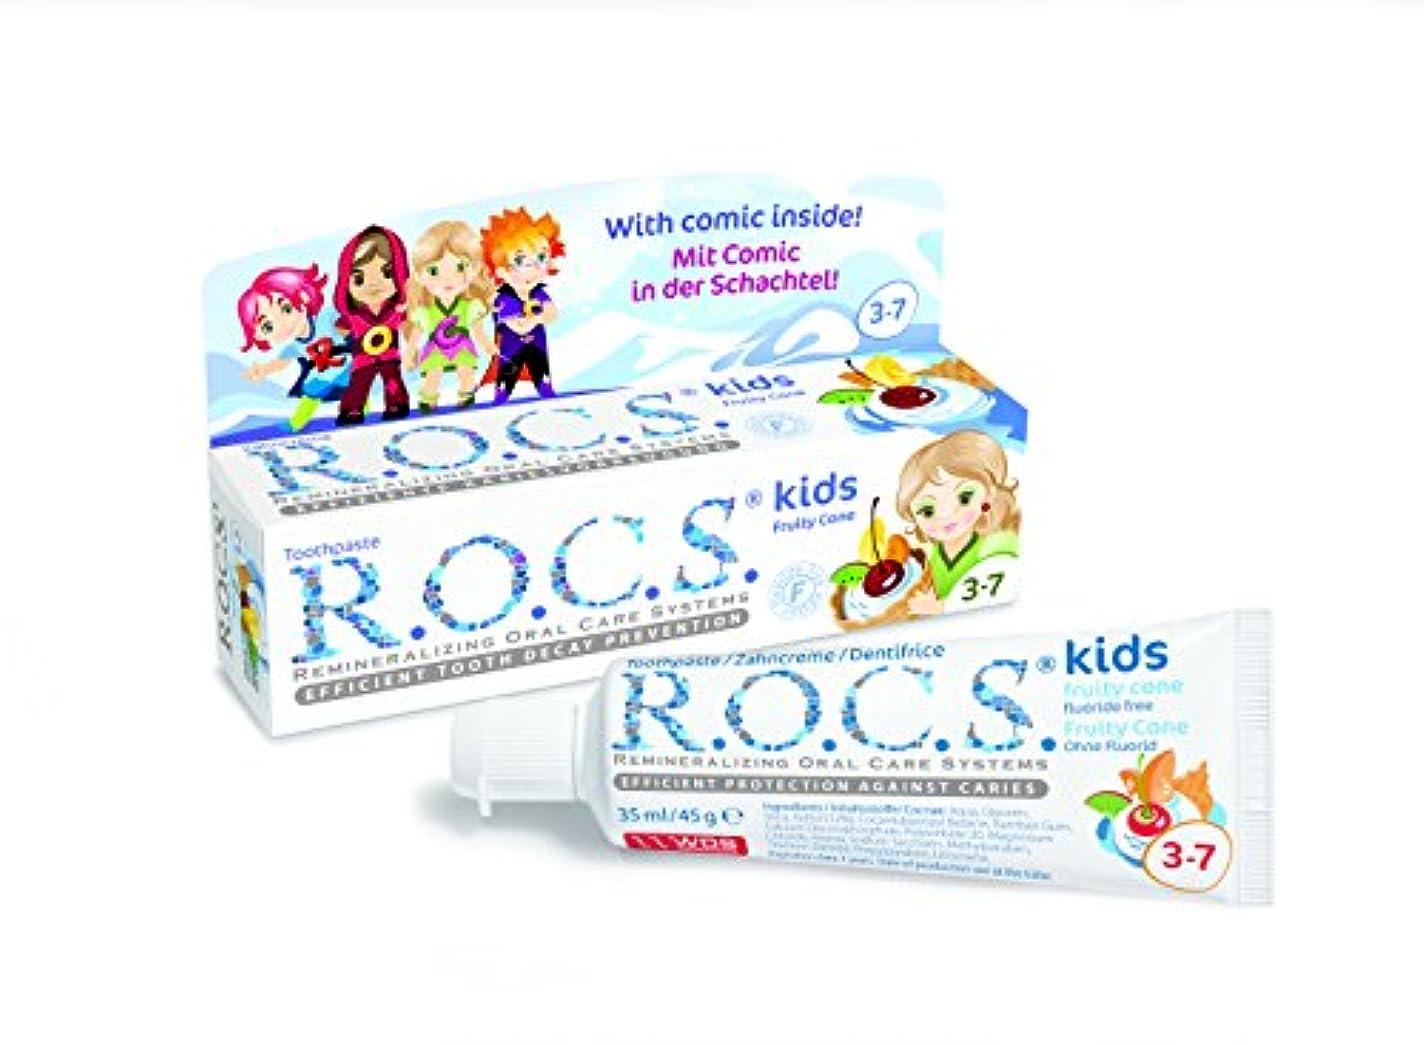 雑種誠実さ女将R.O.C.S. ロックス歯磨き粉 キッズフルーティコーン3?7歳用